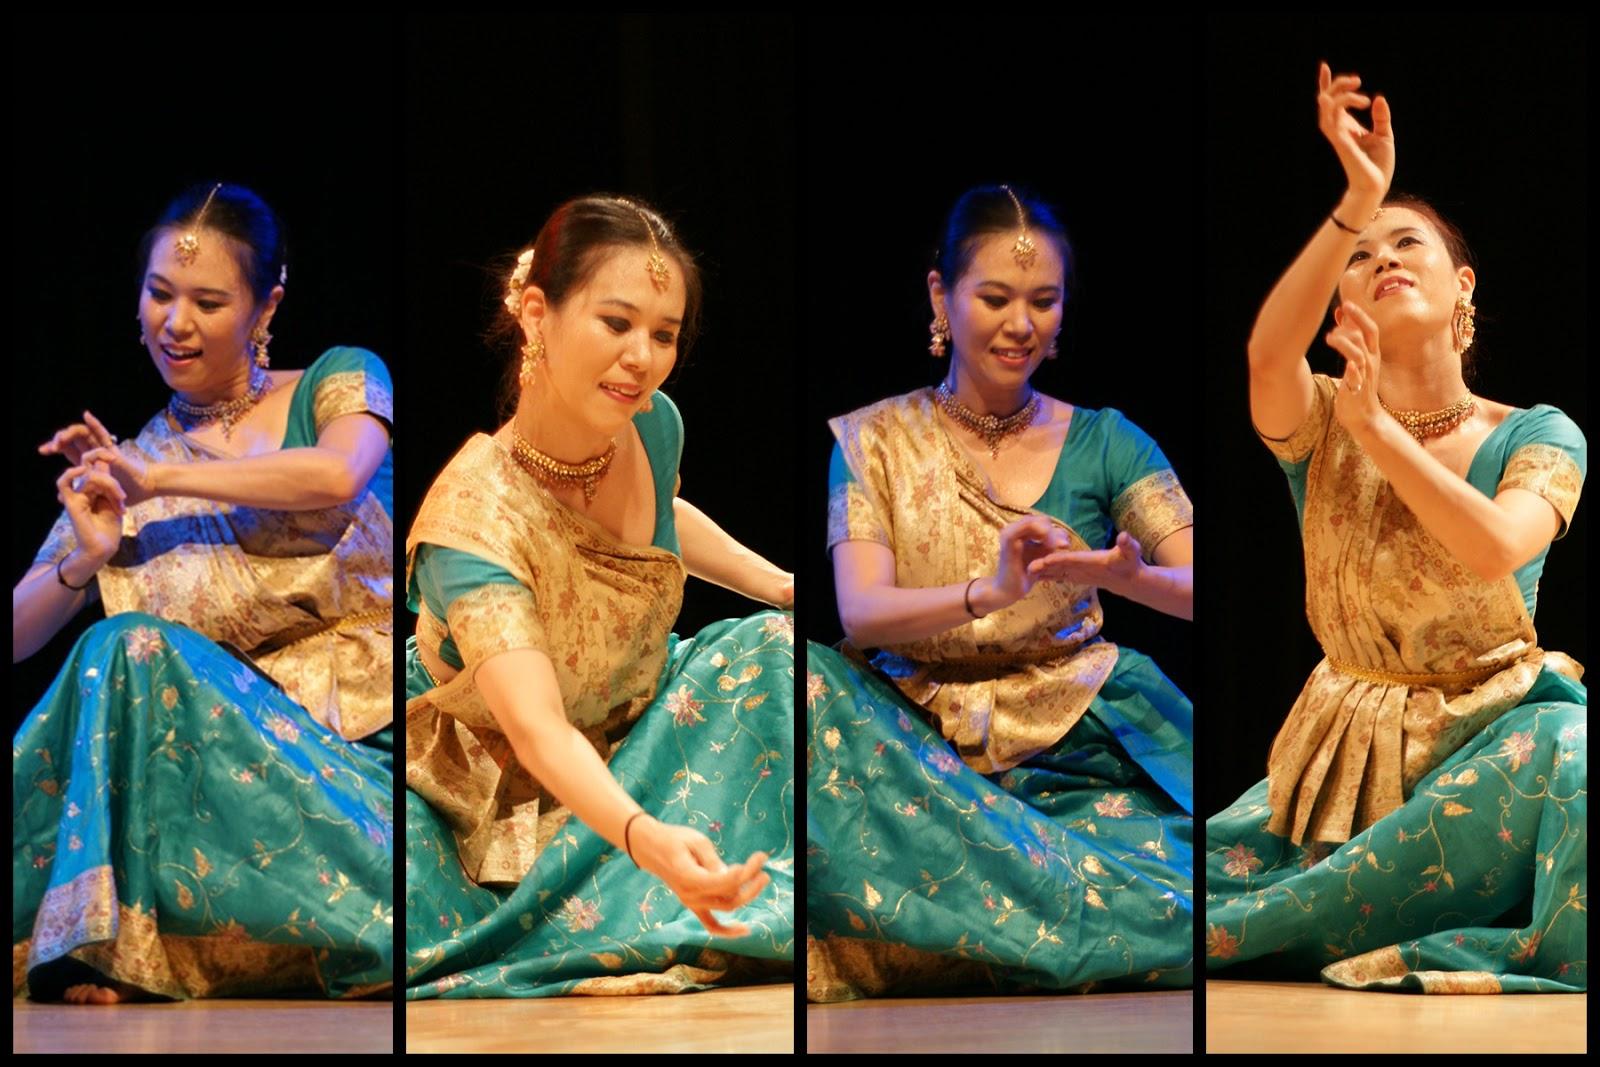 classical period dance